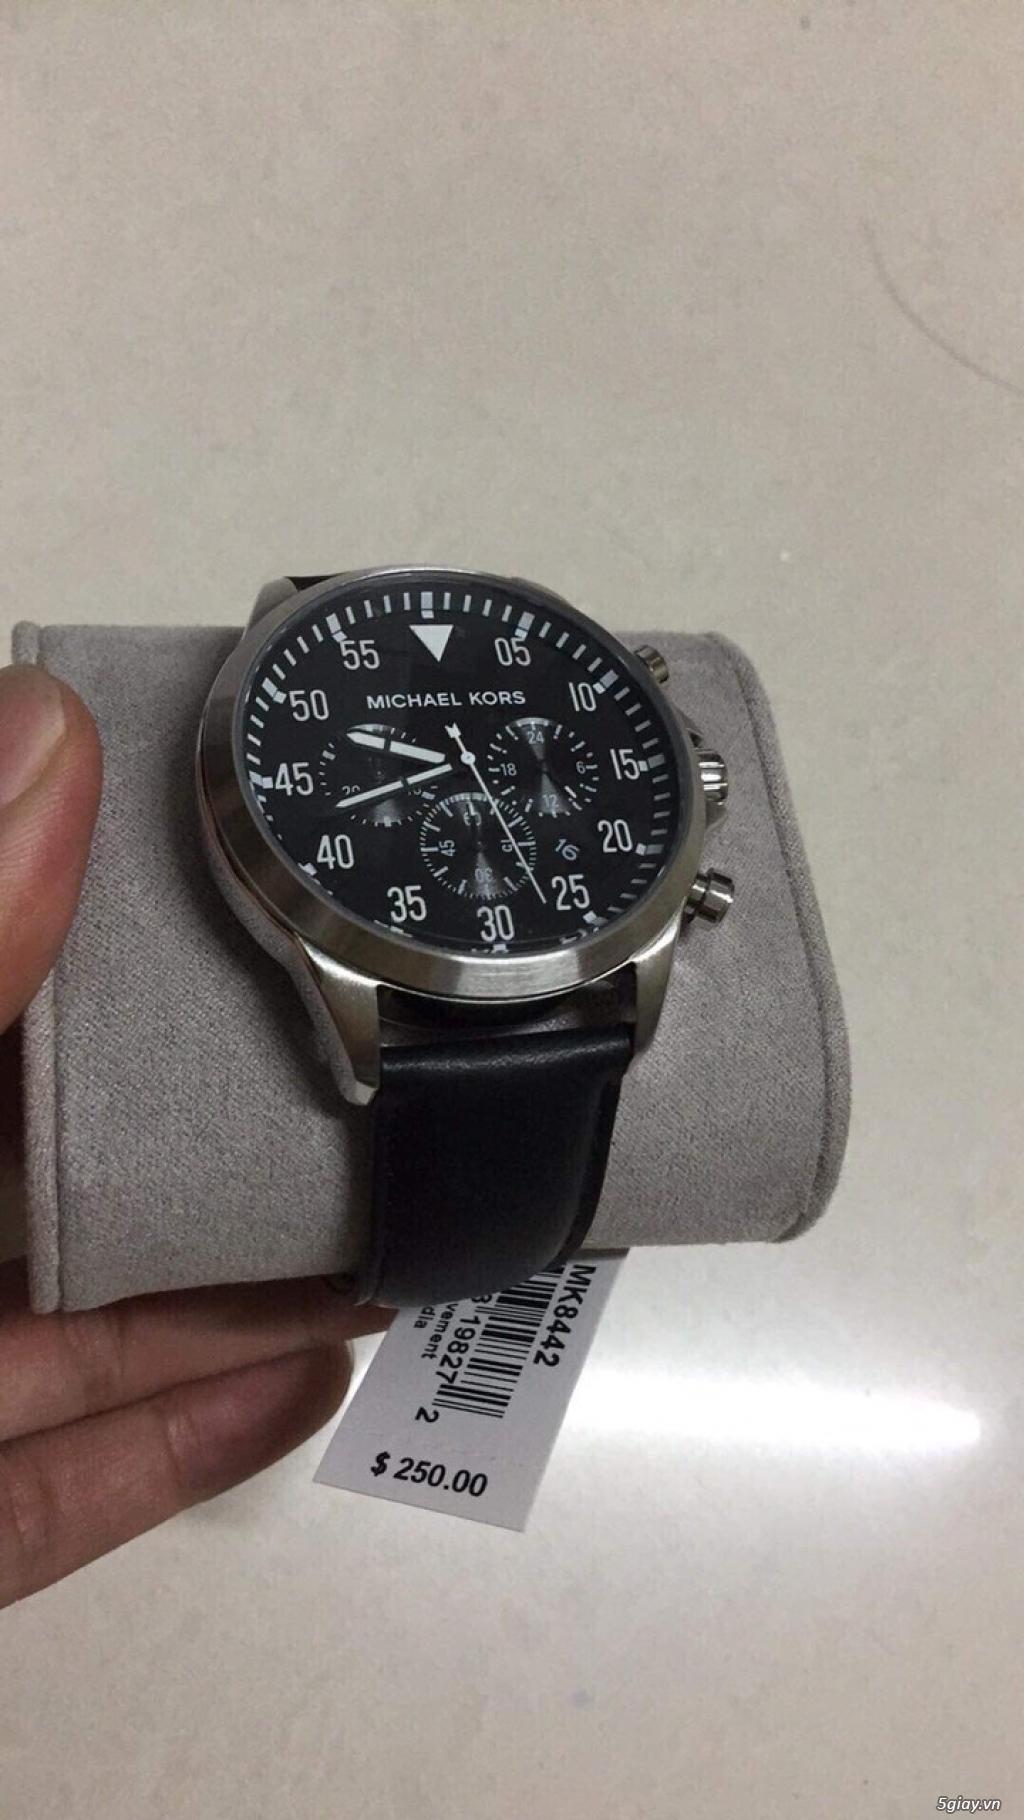 Đồng hồ thông minh thương hiệu tếng Michael Kors hàng Mỹ nguyên seal - 6